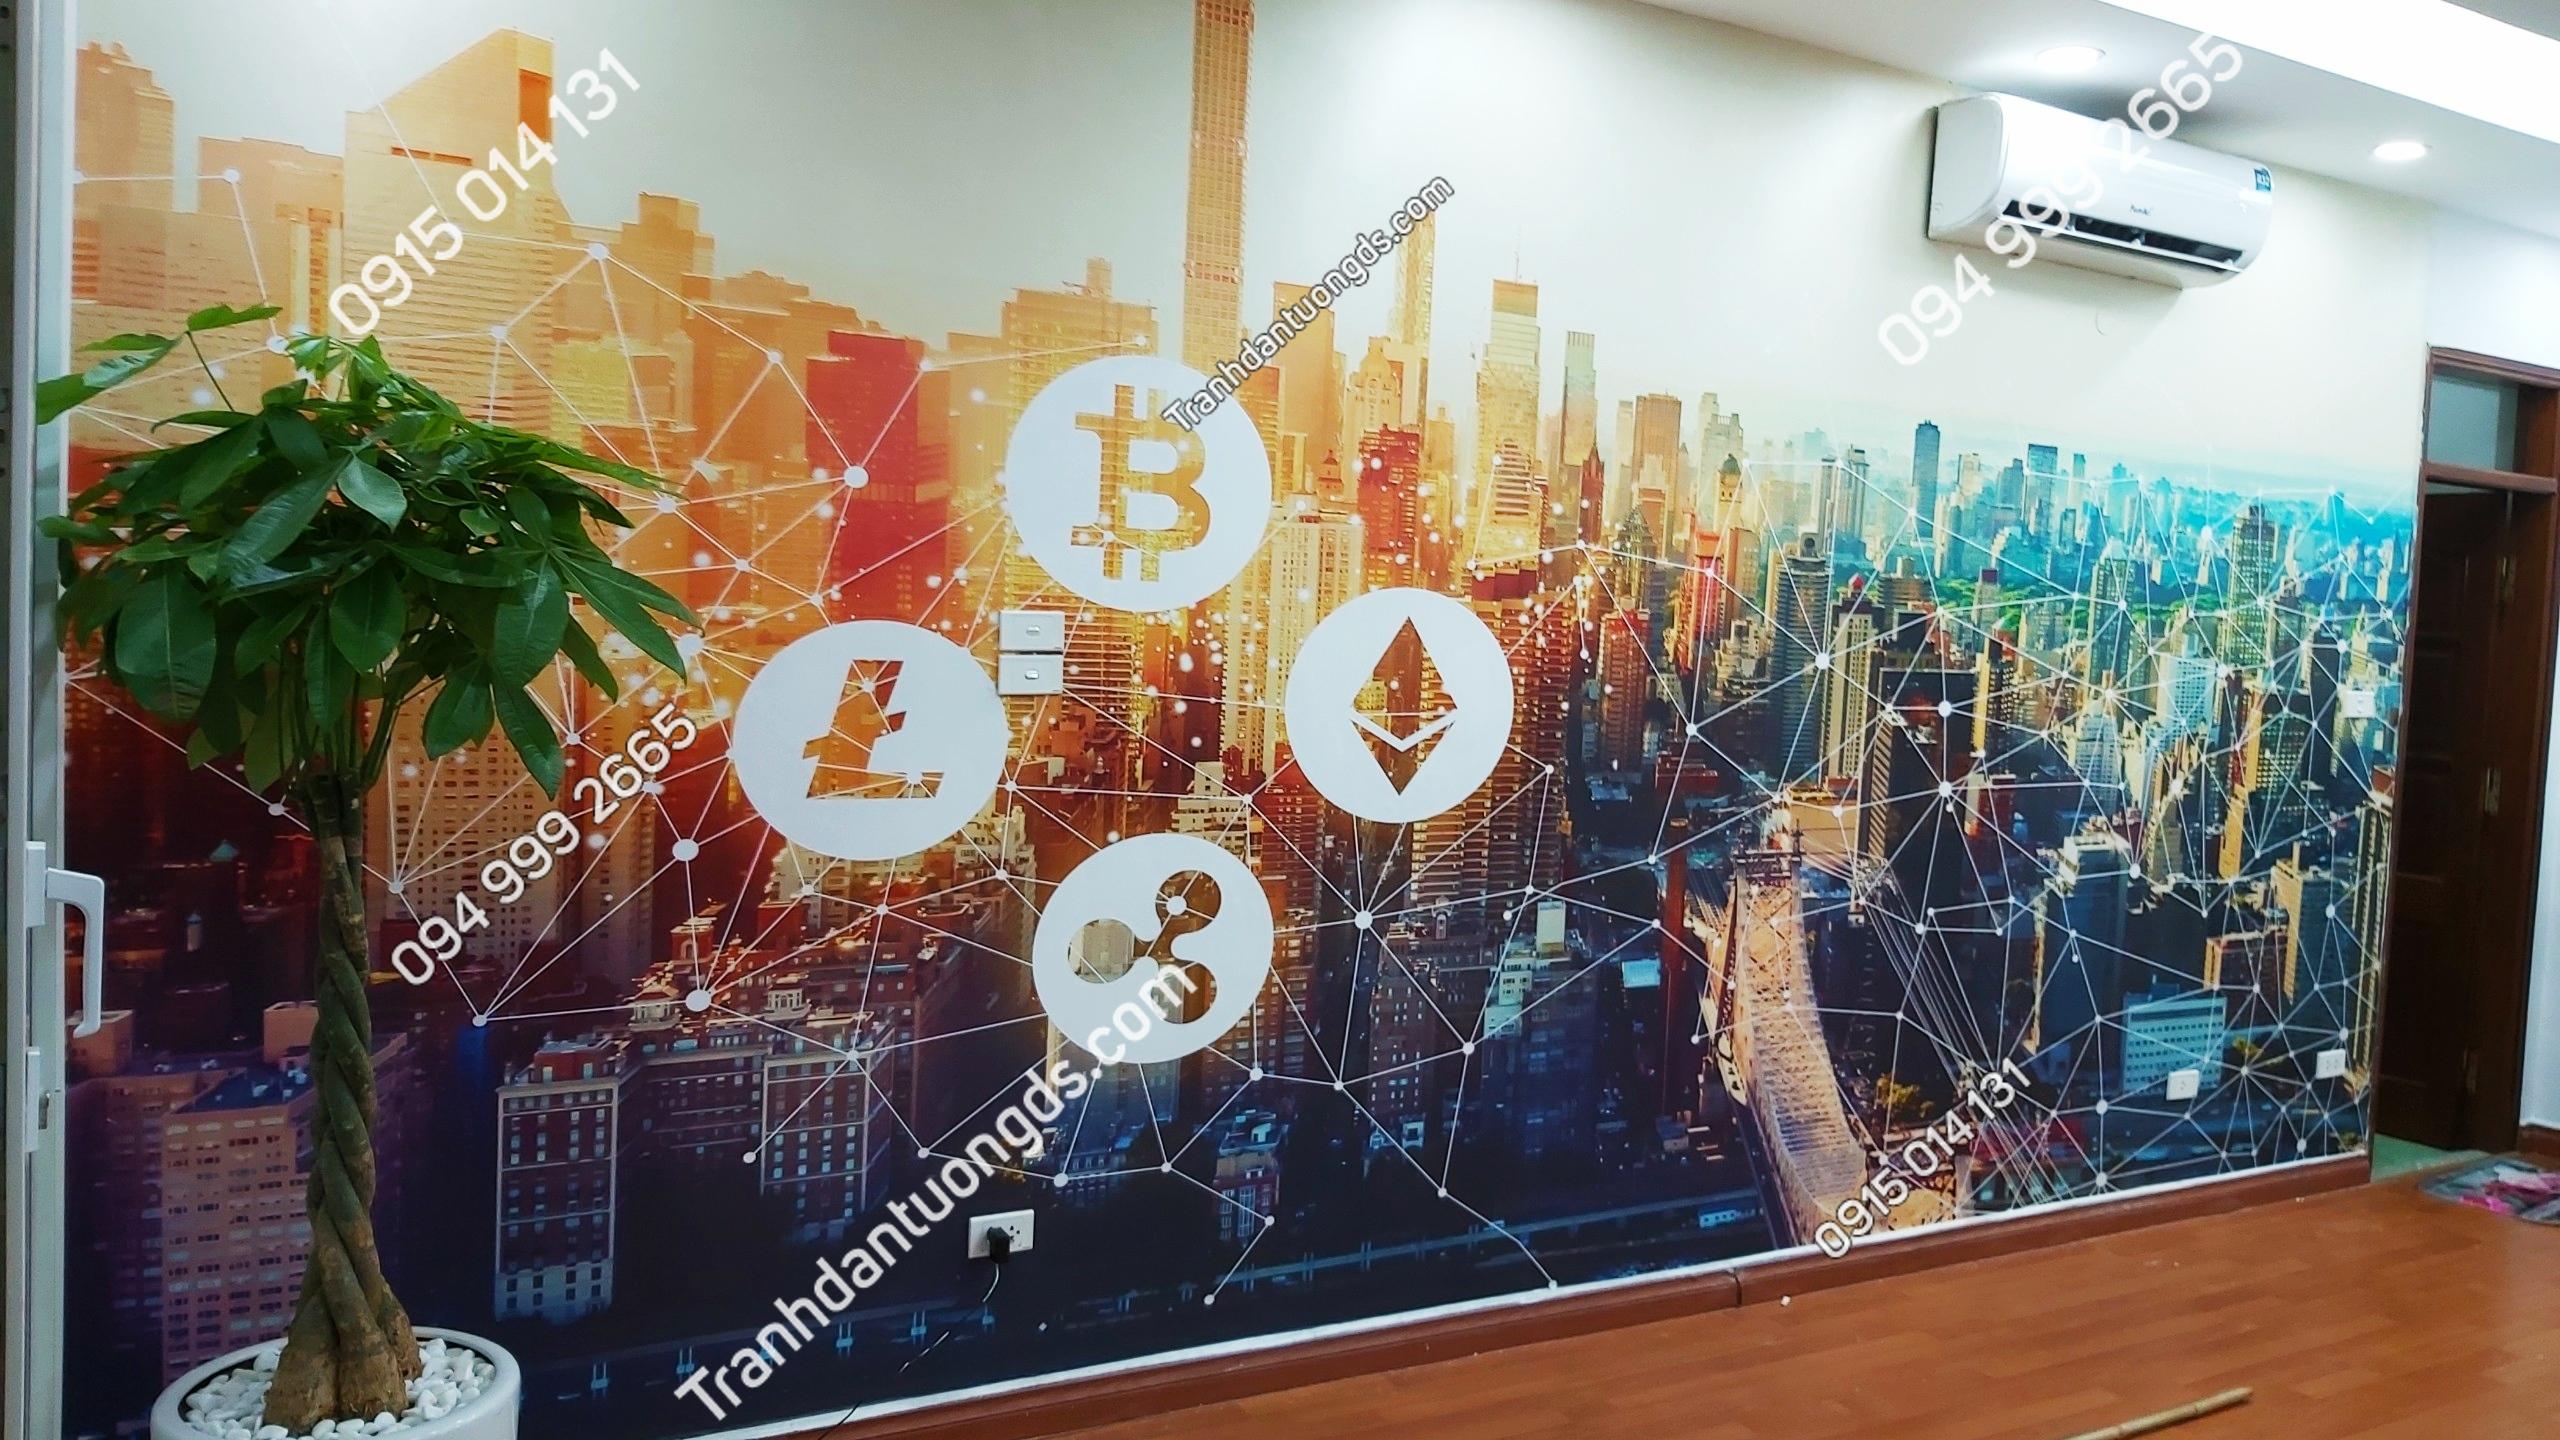 Tranh dán tường crypto cho văn phòng